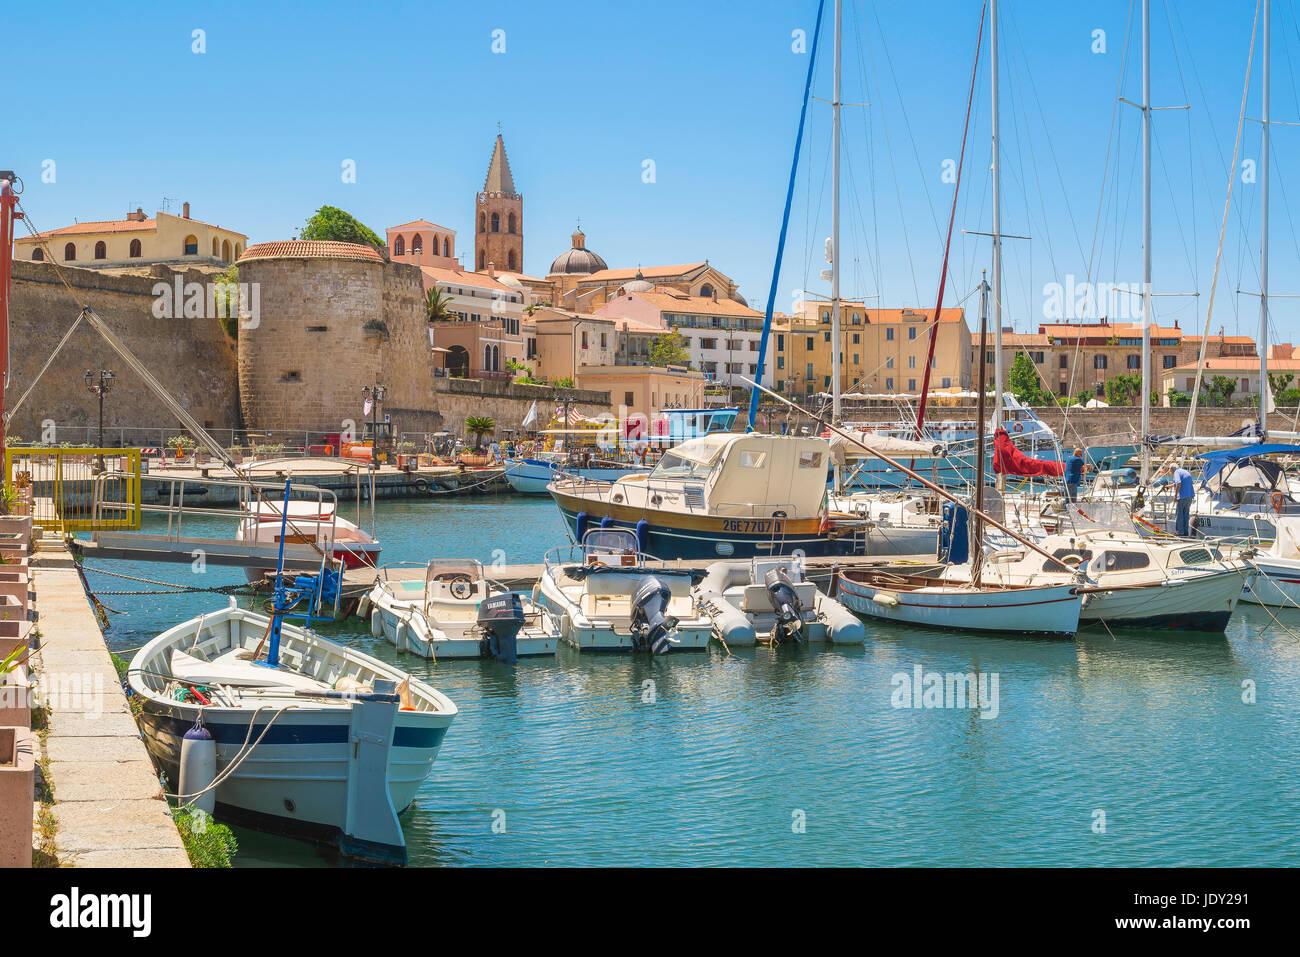 Alghero Sardaigne port, vue sur le port et le front de mer à Alghero northern Sardinia, Italie. Photo Stock